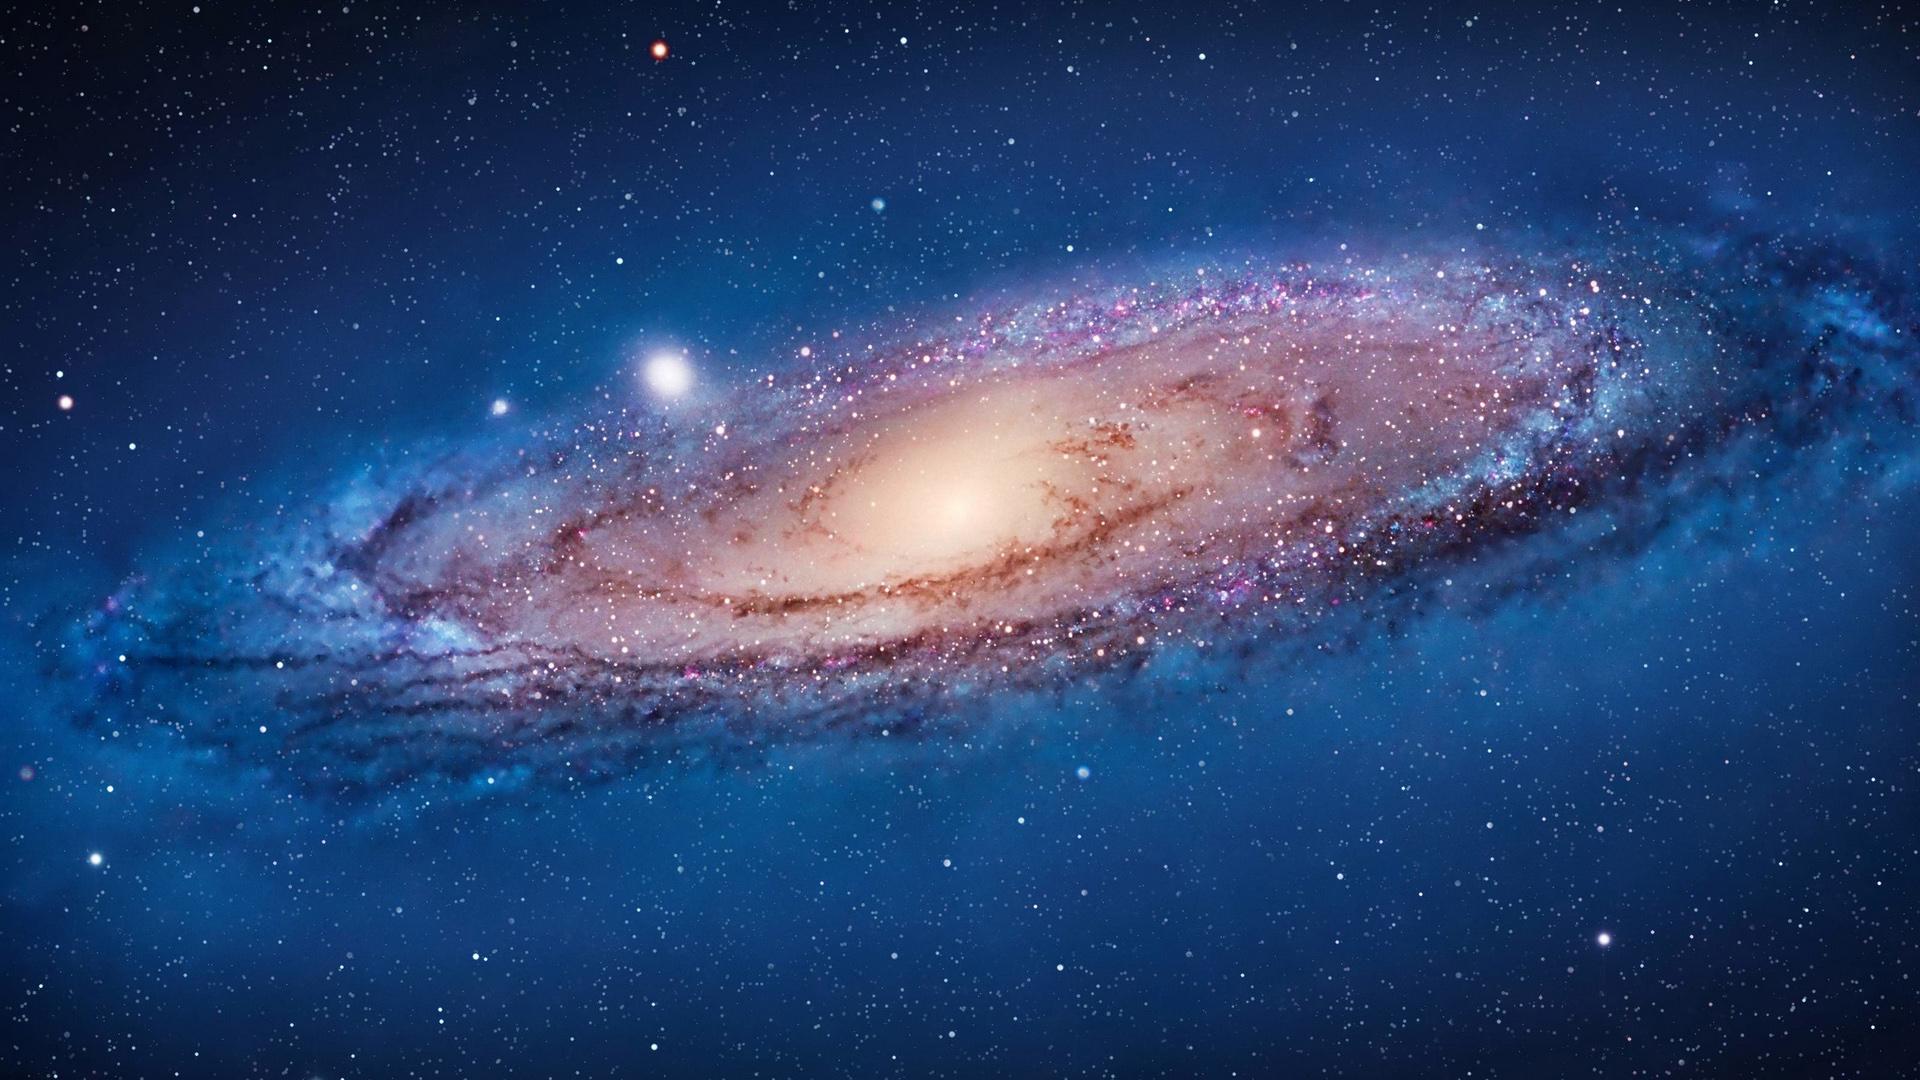 达人 > 内容   星际穿越 搜狗 壁纸将美丽星空留在你的 桌面_网易数码